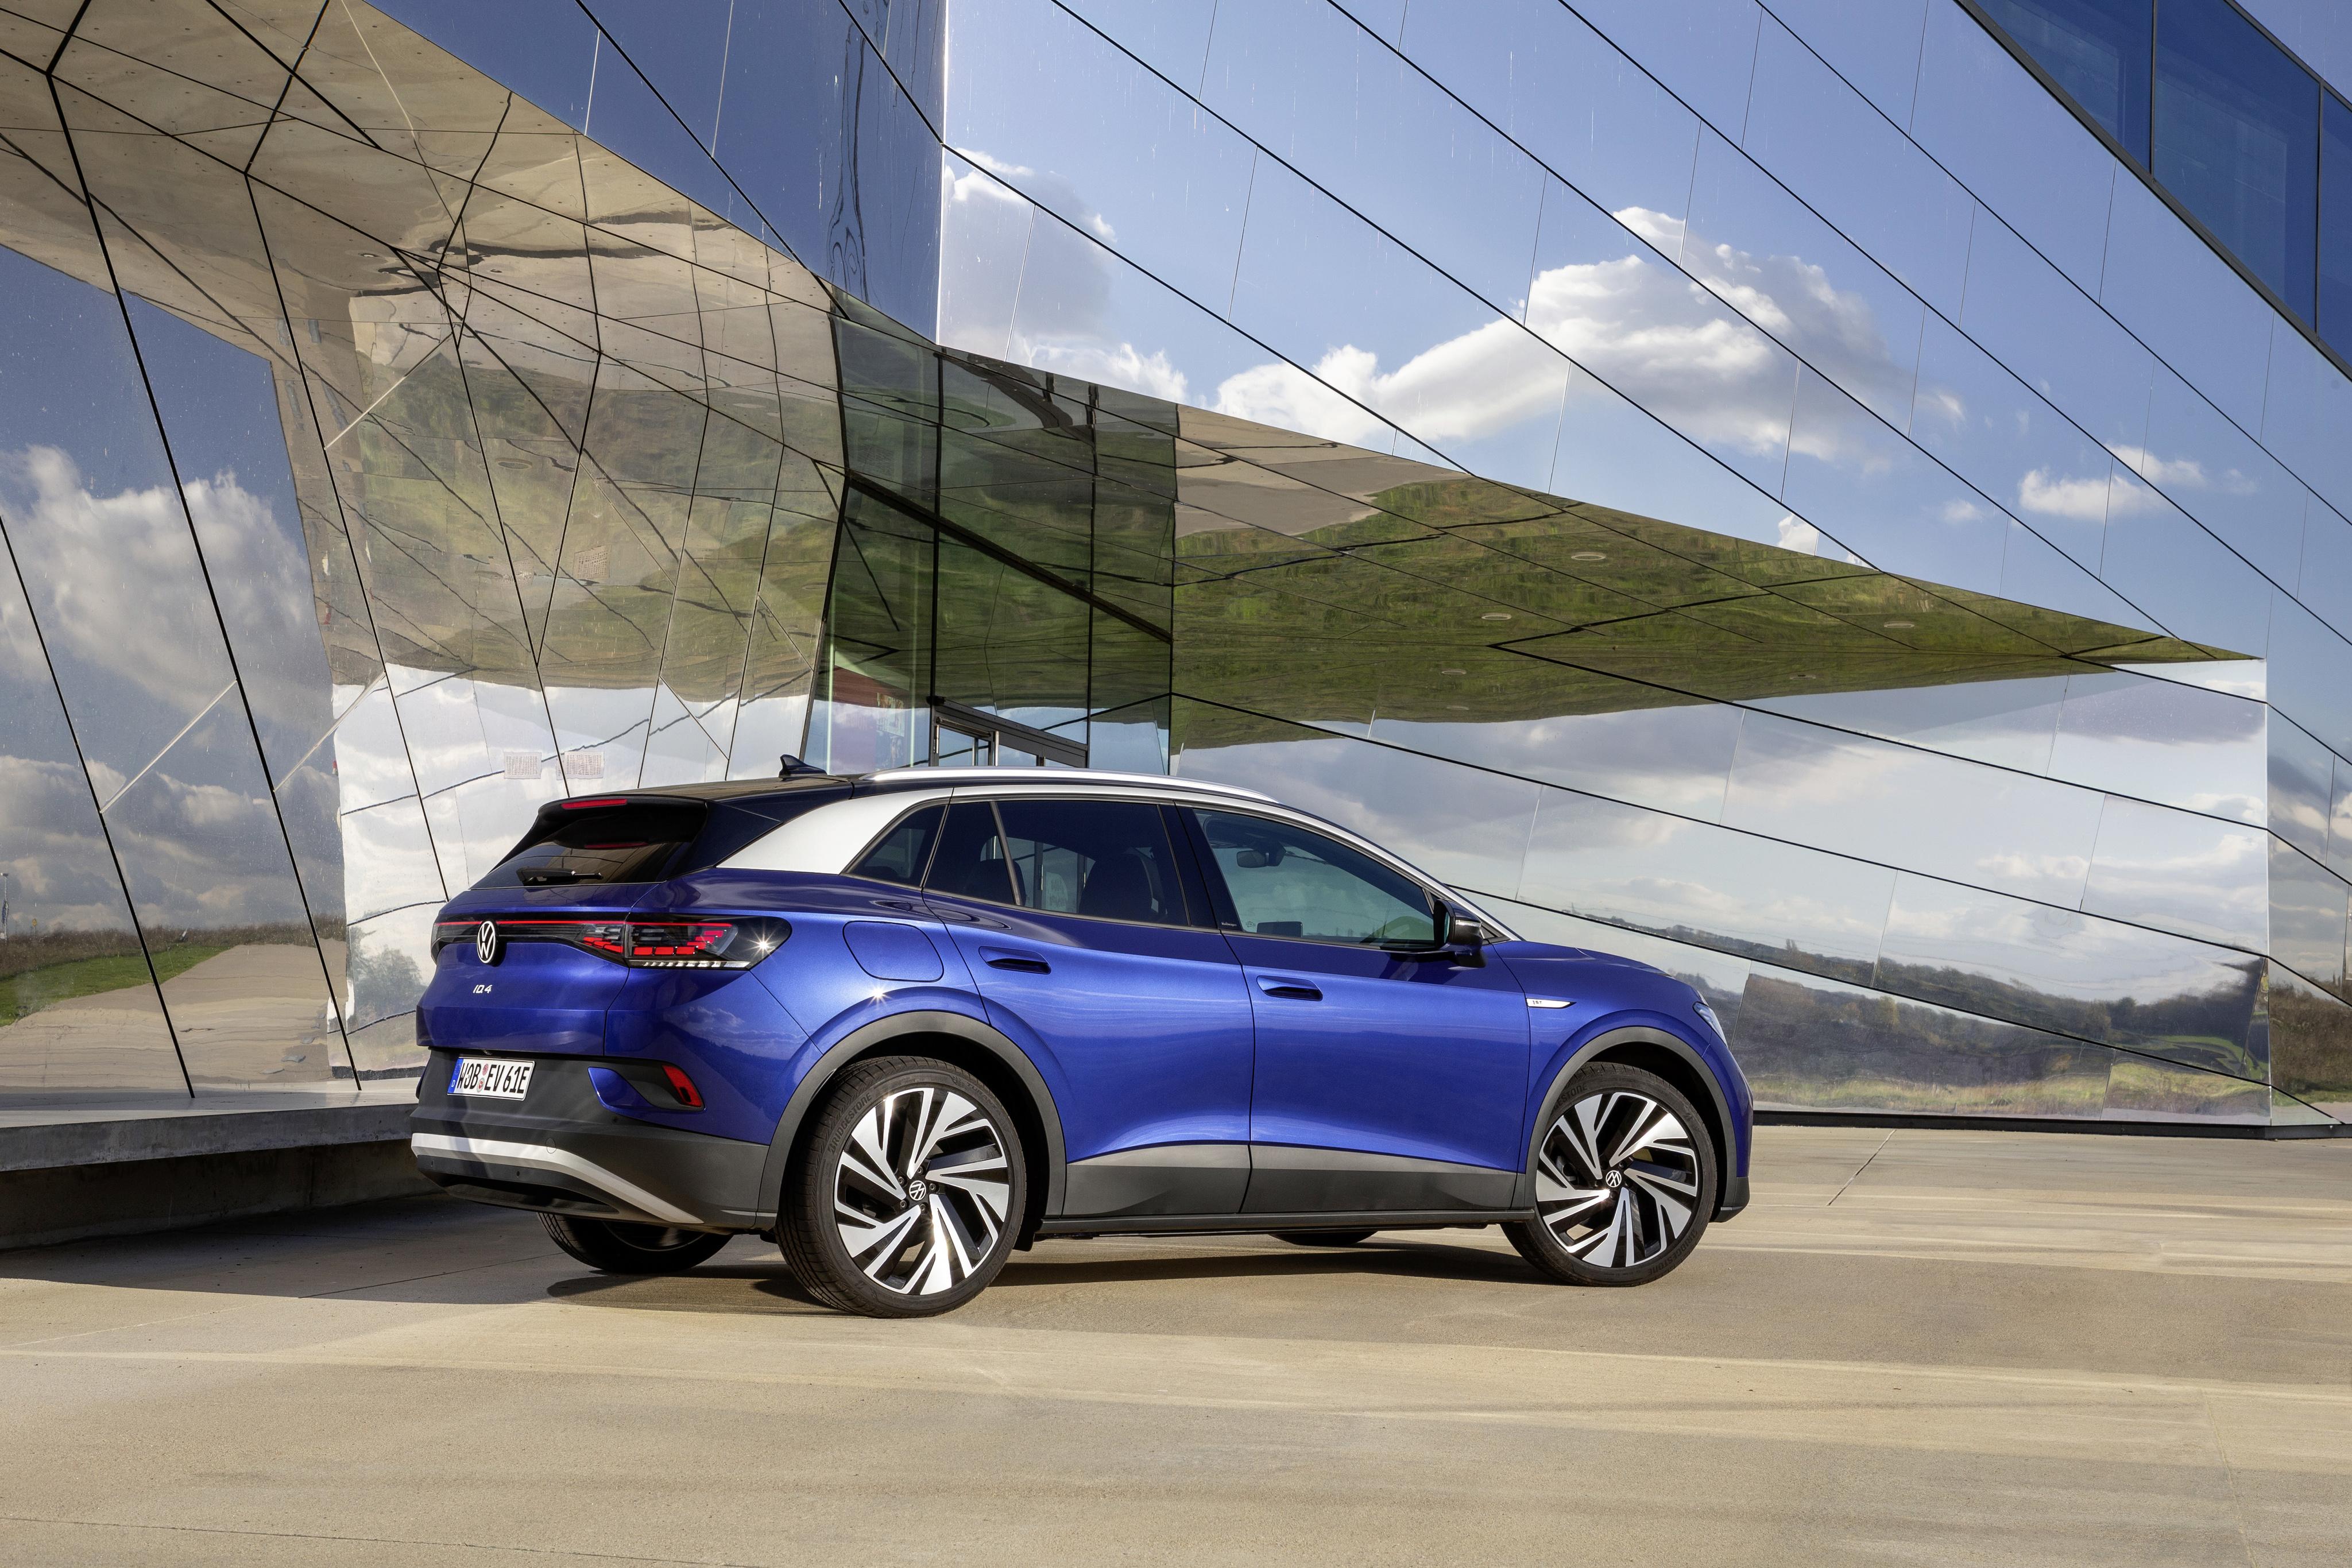 Volkswagen marknadsledare i april – nya elbilen ID.4 Sveriges mest registrerade bil